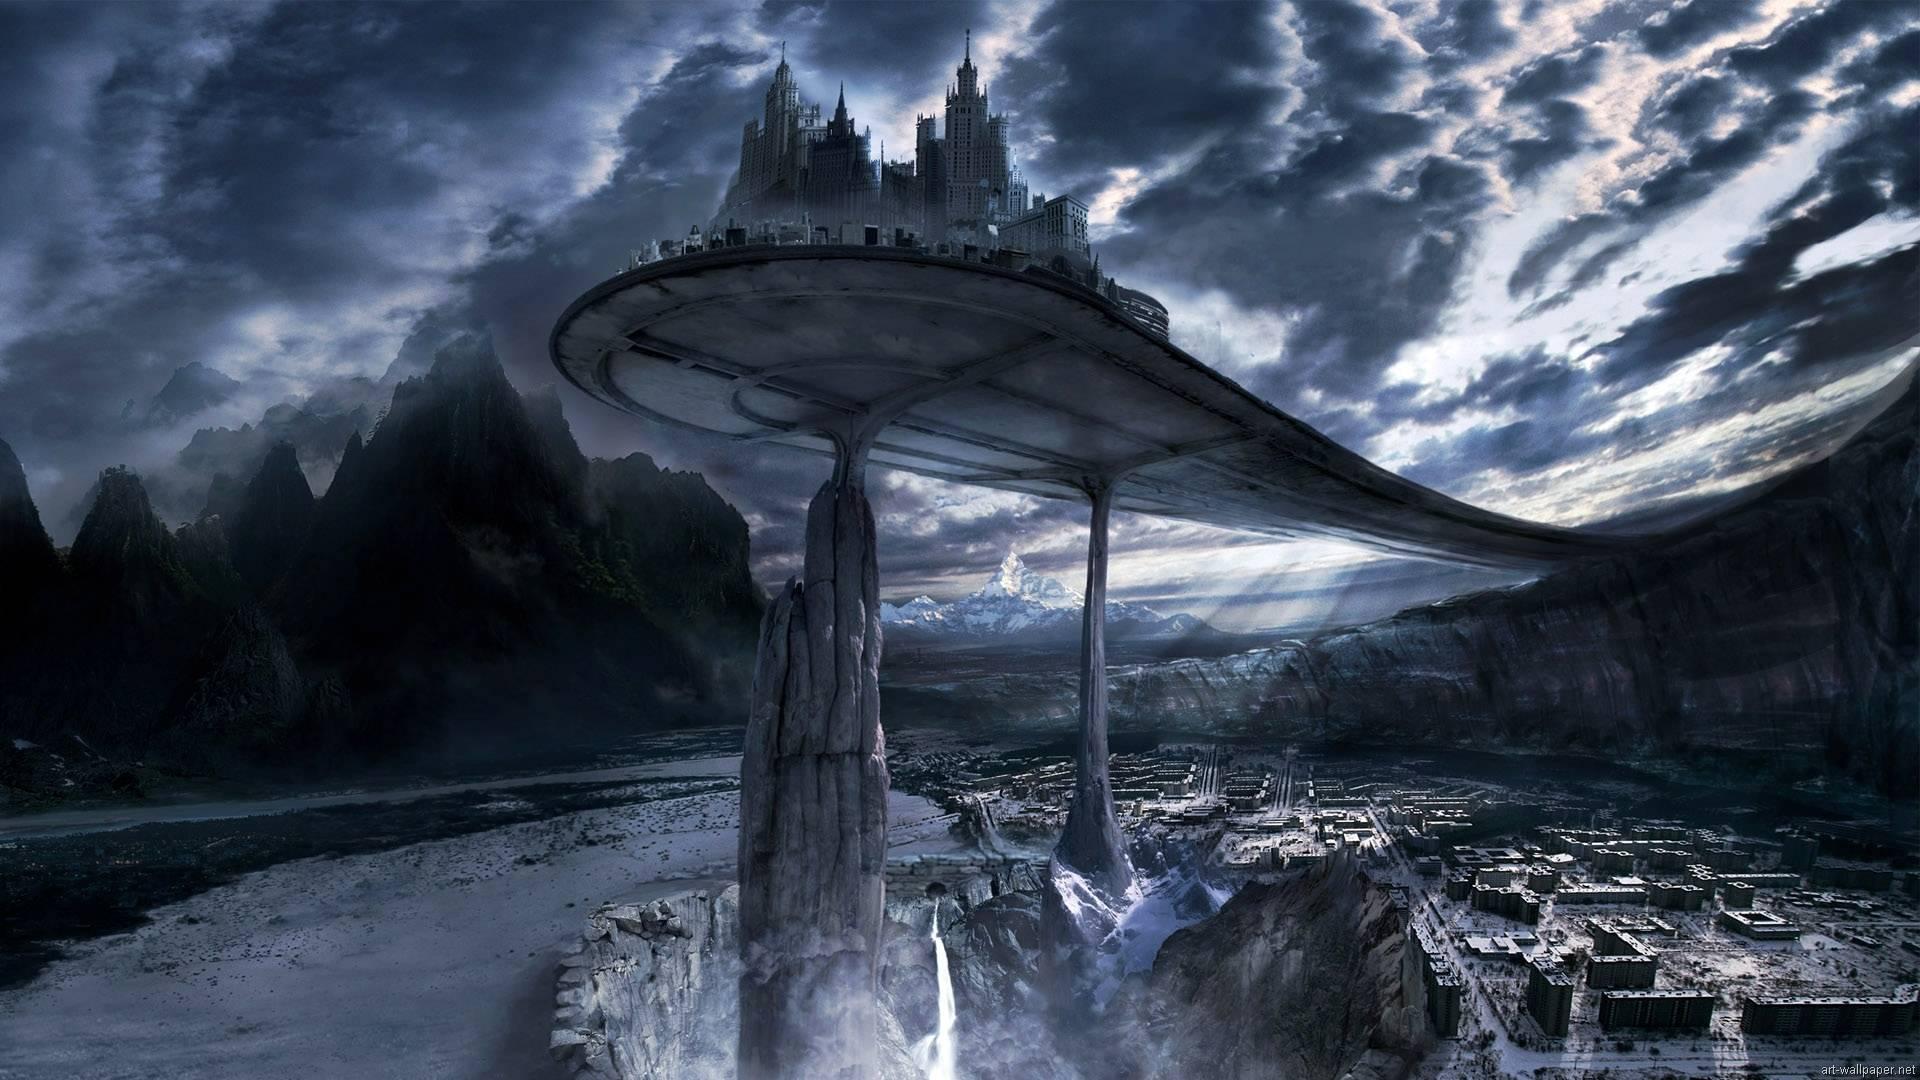 Dark castle - Best foto Wallpaper